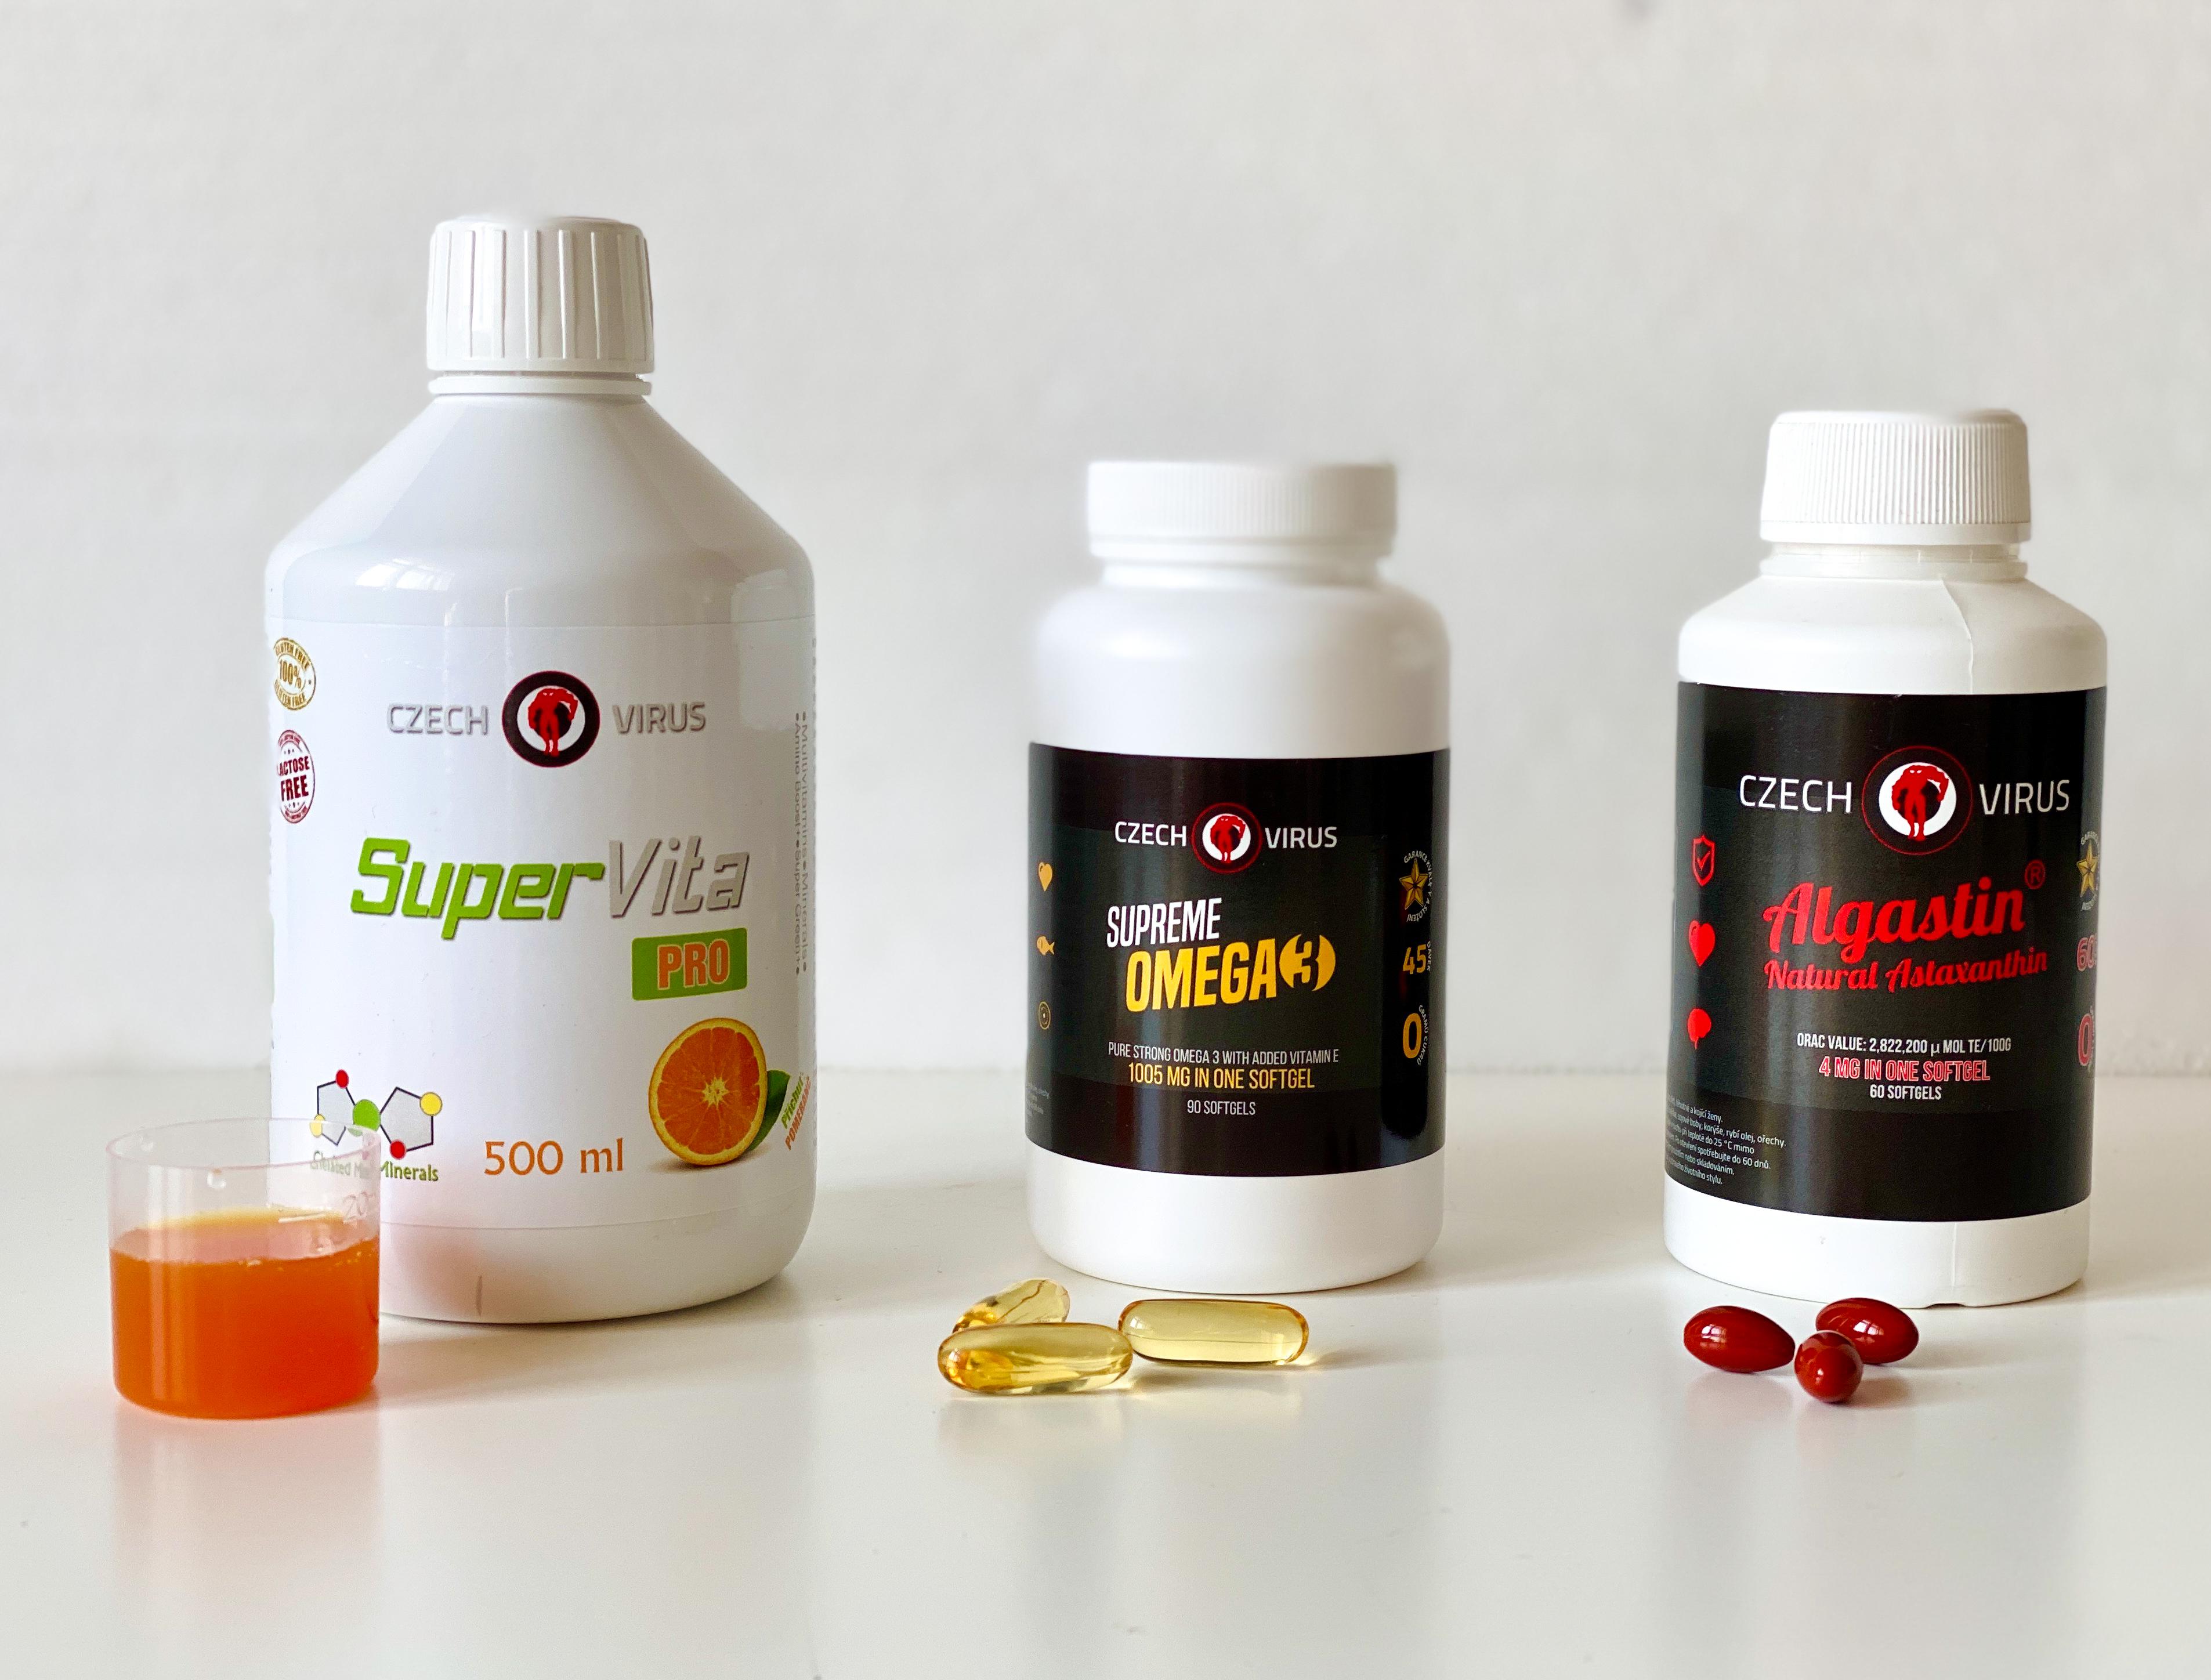 Super Vita, Omega 3, Algastin